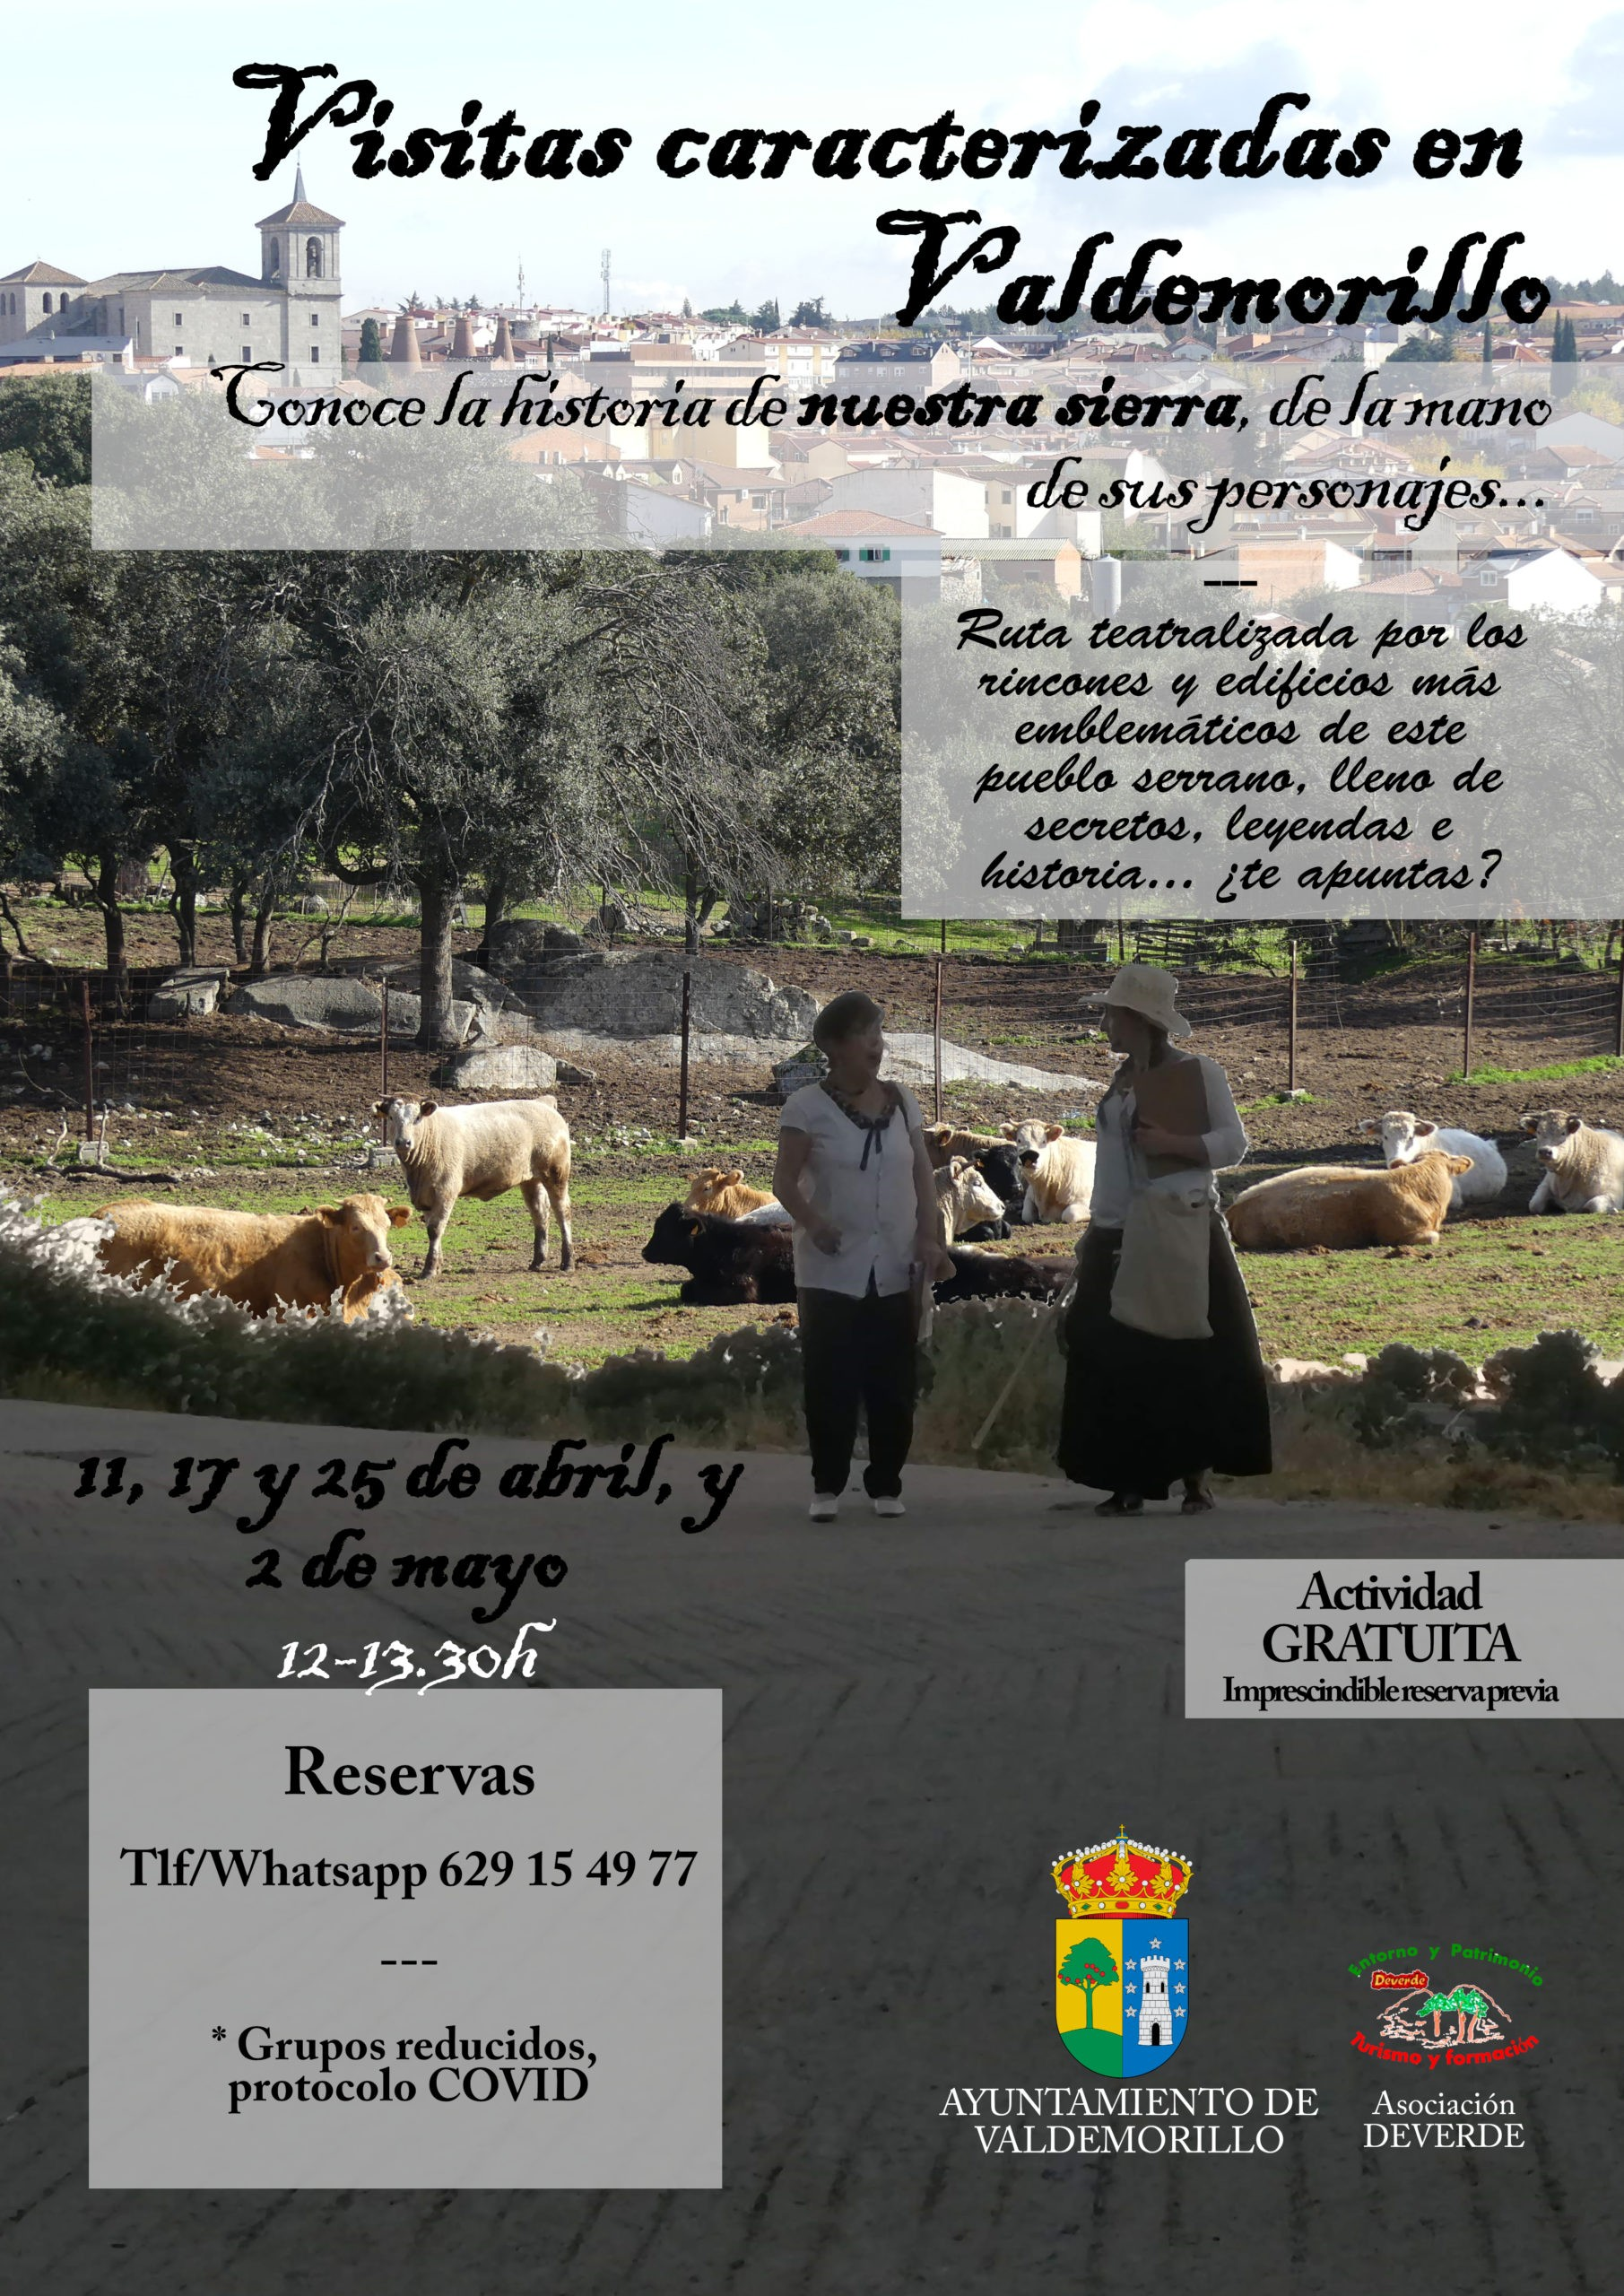 Primeras rutas teatralizadas en Valdemorillo,  el 11, 17, 25 de abril y 2 de mayo, para poner en valor sus singulares parajes y tradiciones de la mano de los personajes que forjan la historia de esta villa